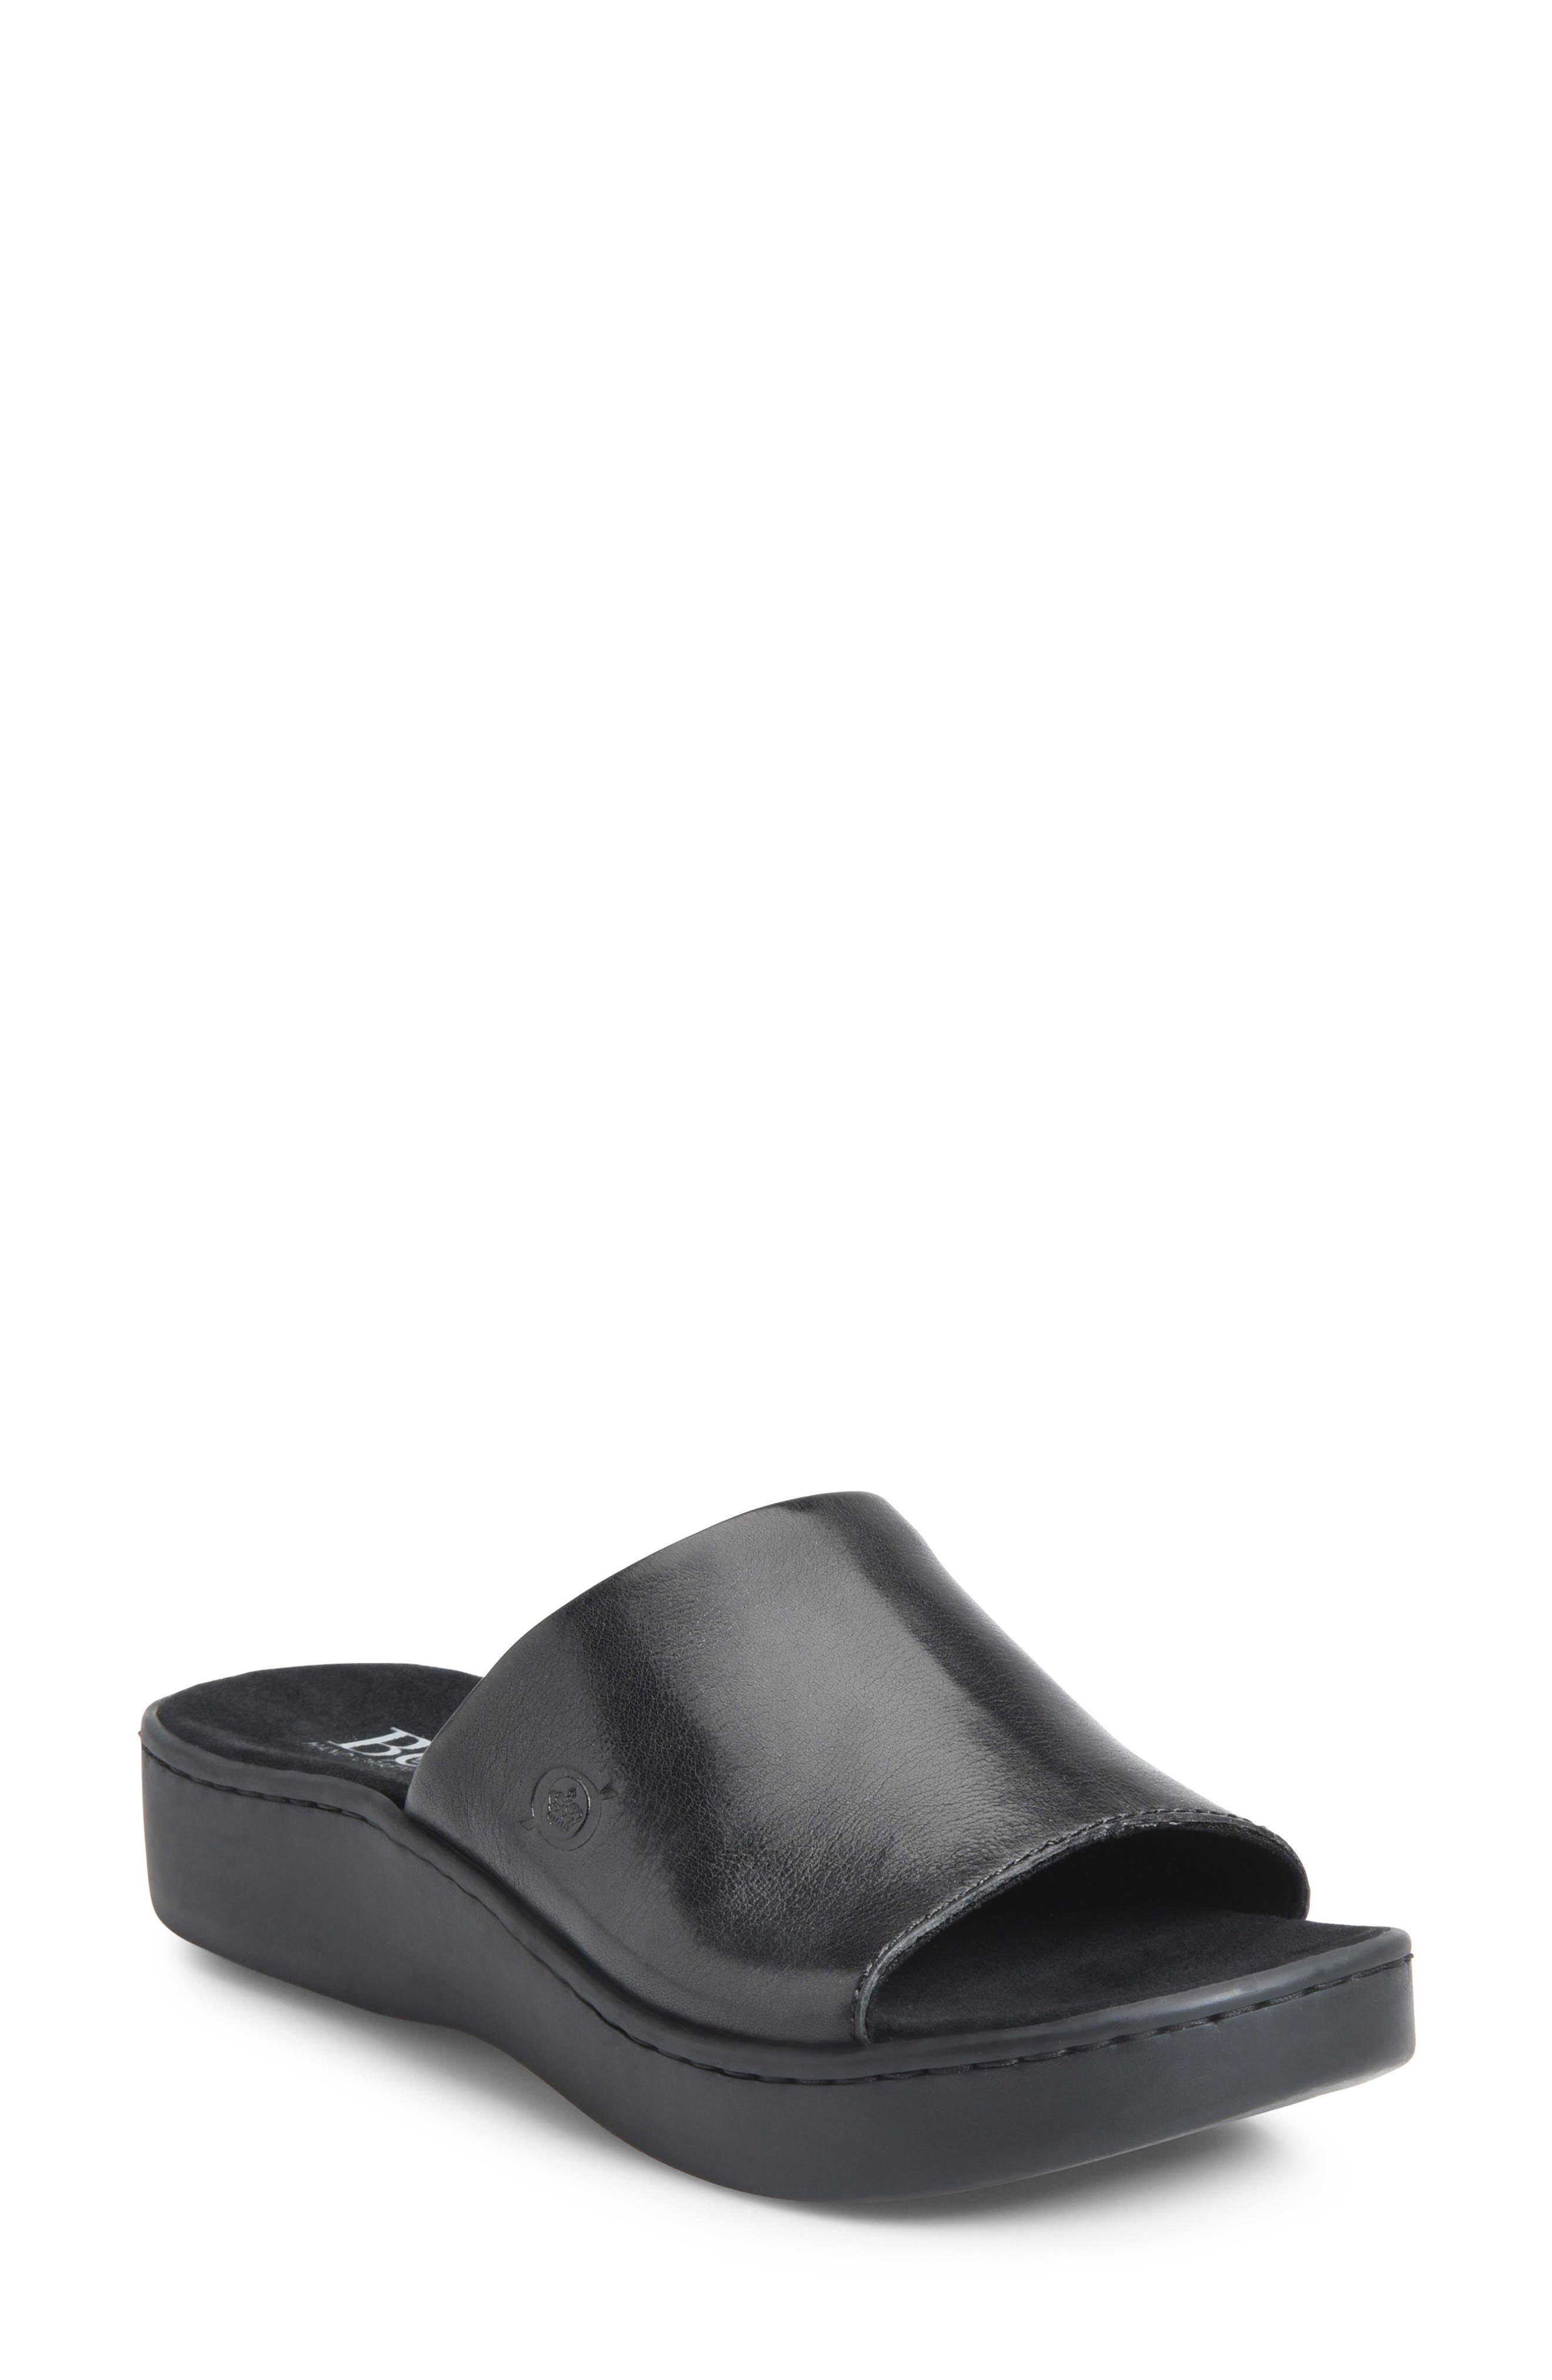 B?rn Ottawa Slide Sandal, Black